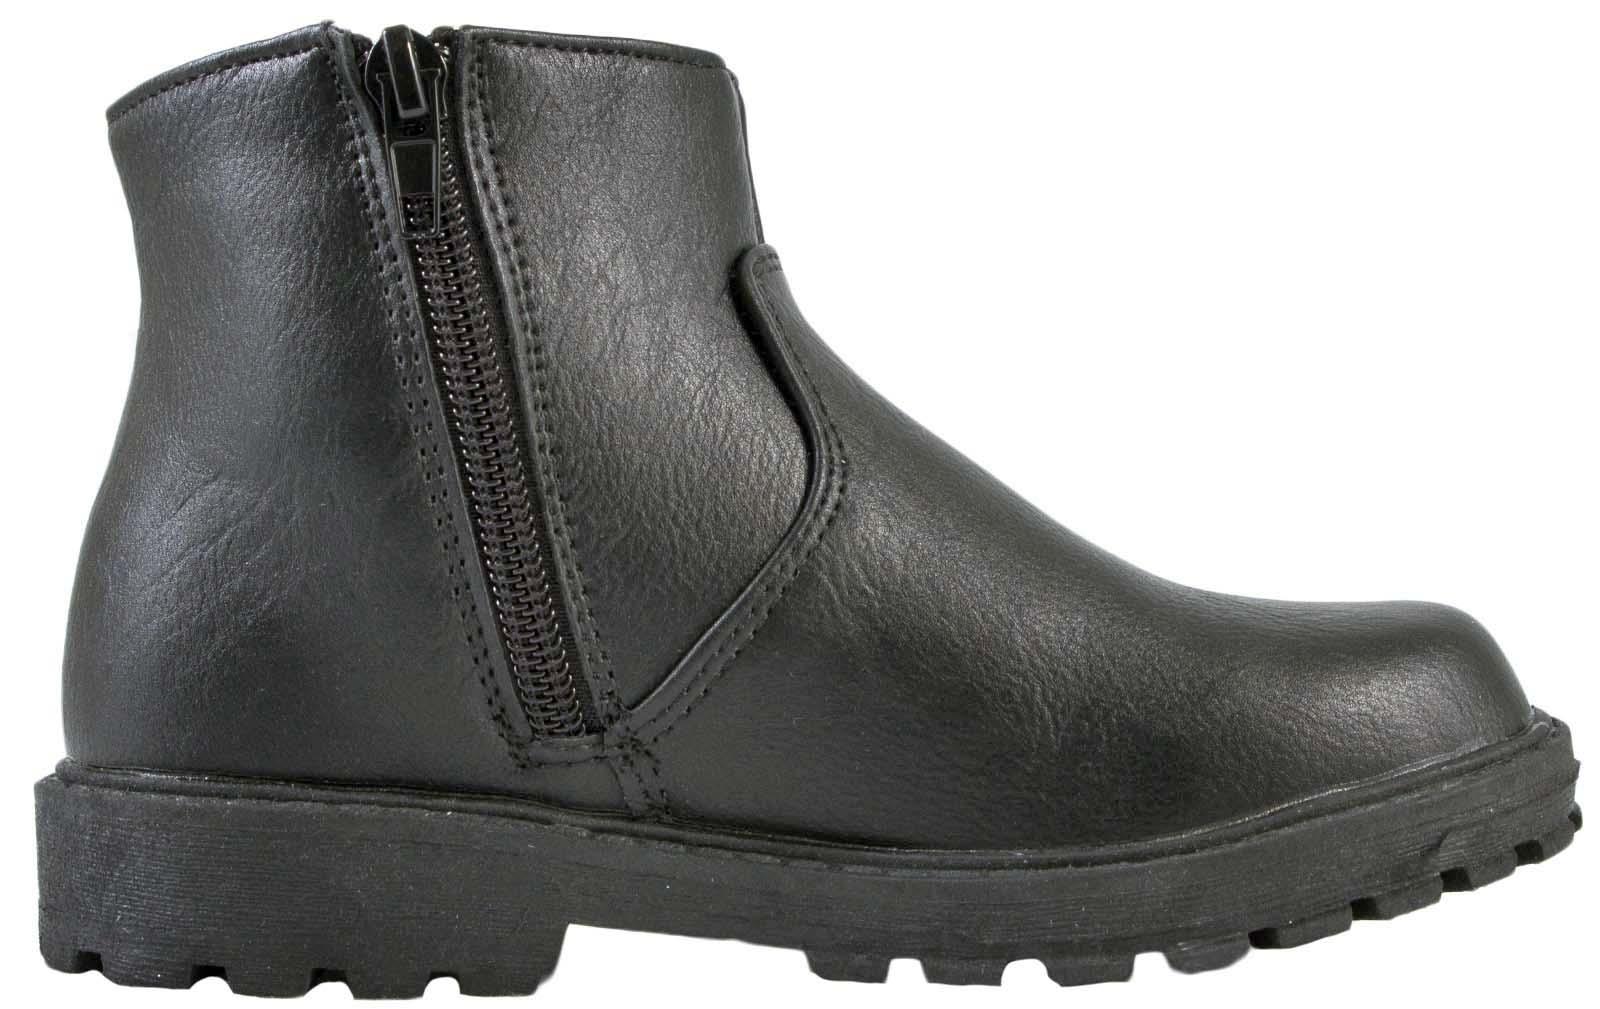 Boys Black School Shoes Faux Leather